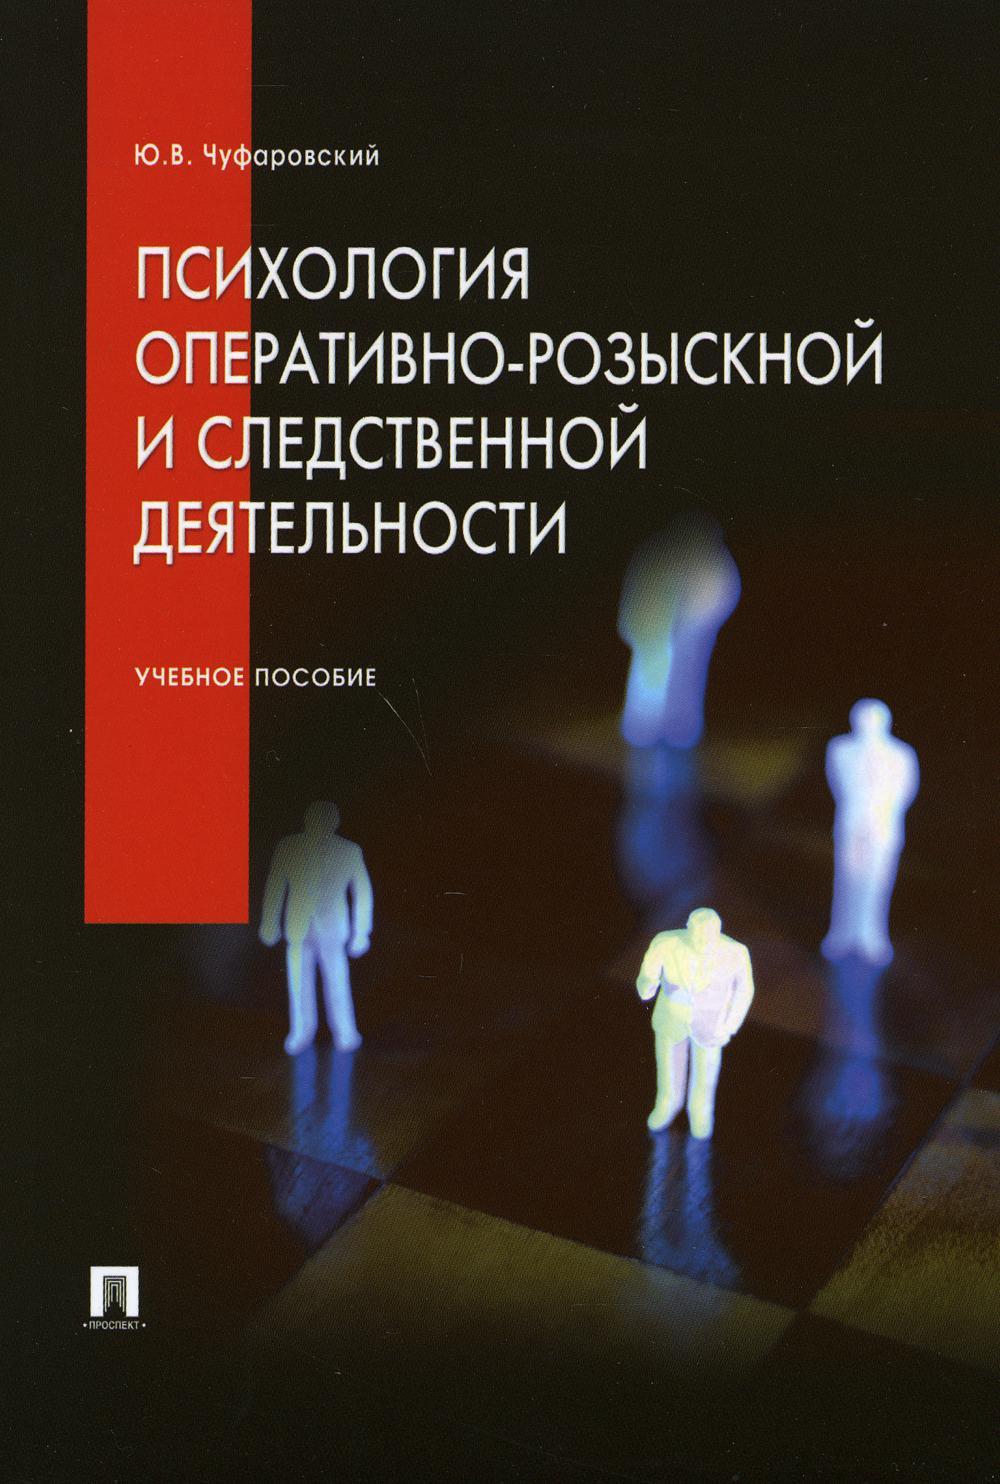 Психология оперативно-розыскной и следственной деятельности: Учебное пособие